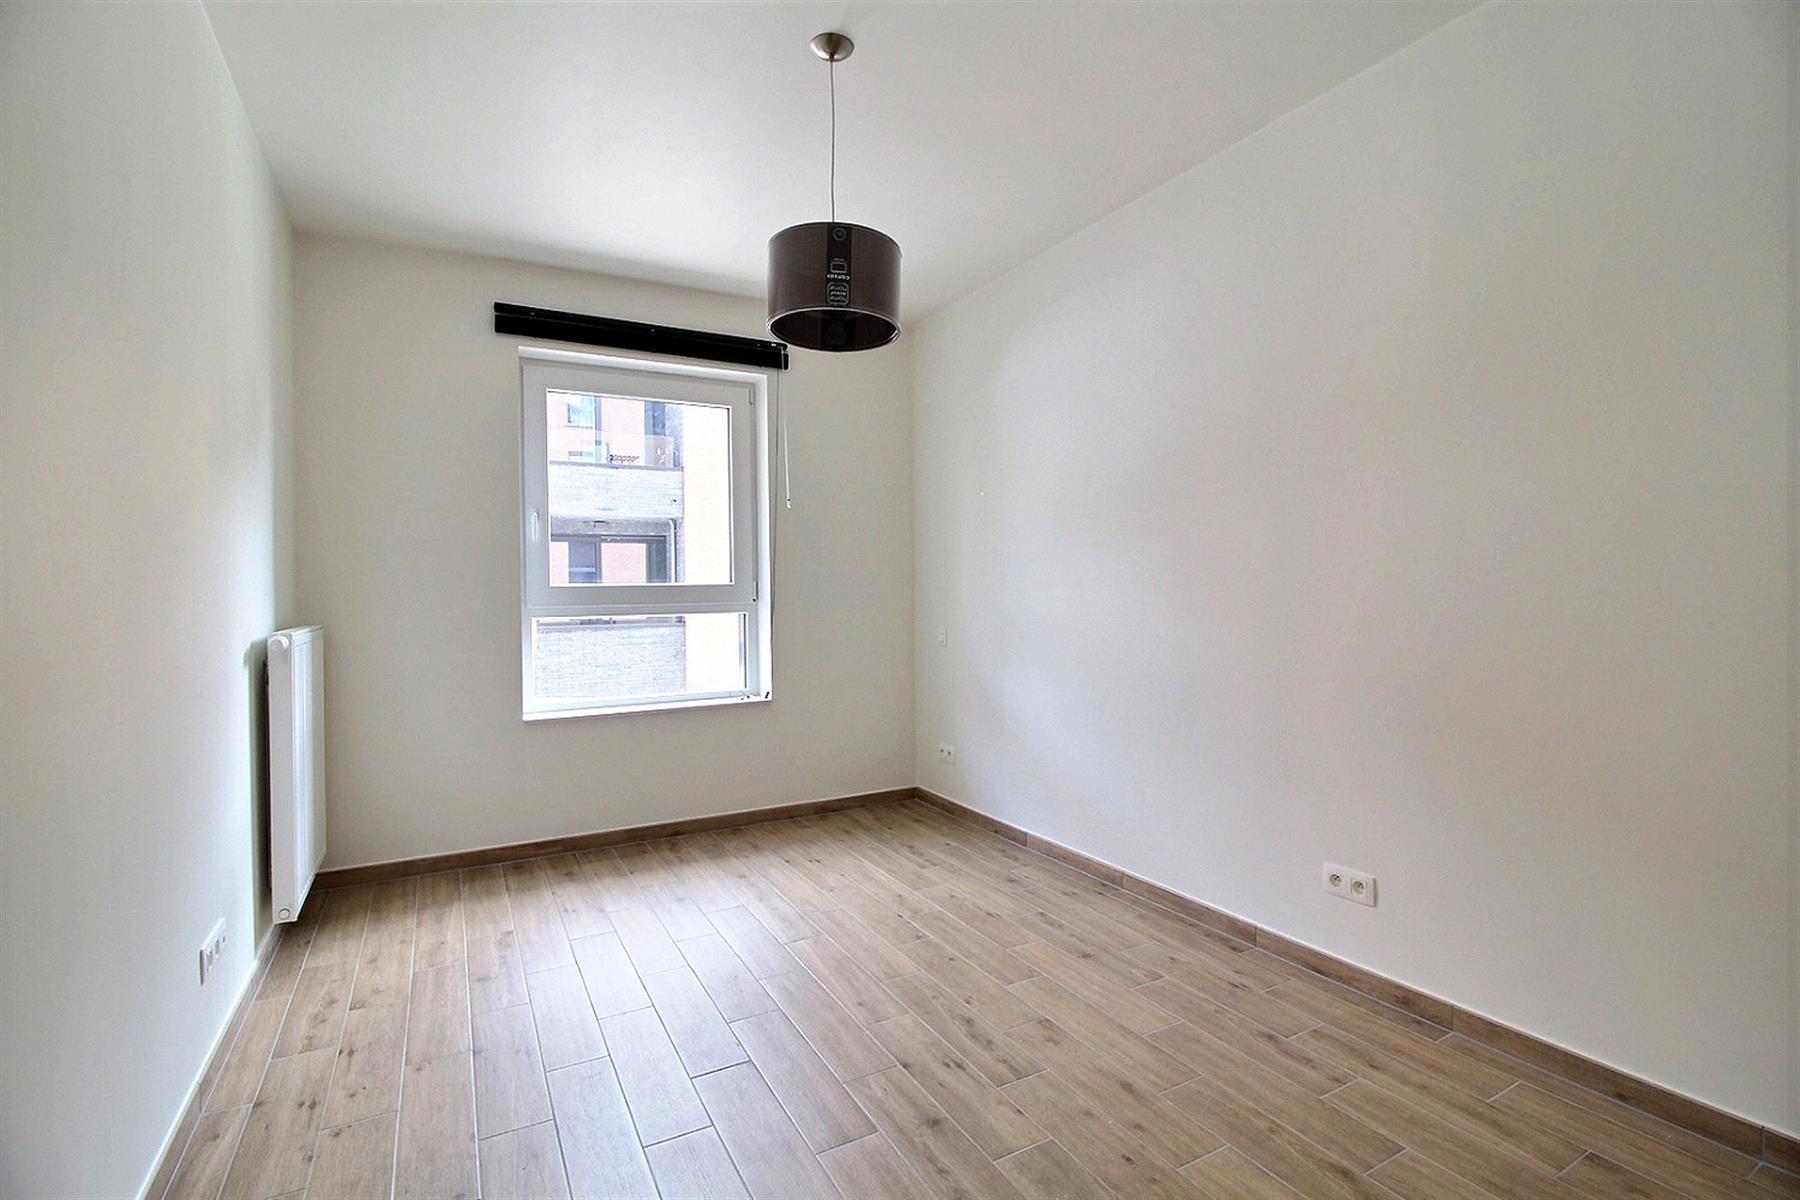 Appartement - Ottignies-Louvain-la-Neuve Louvain-la-Neuve - #4258211-4